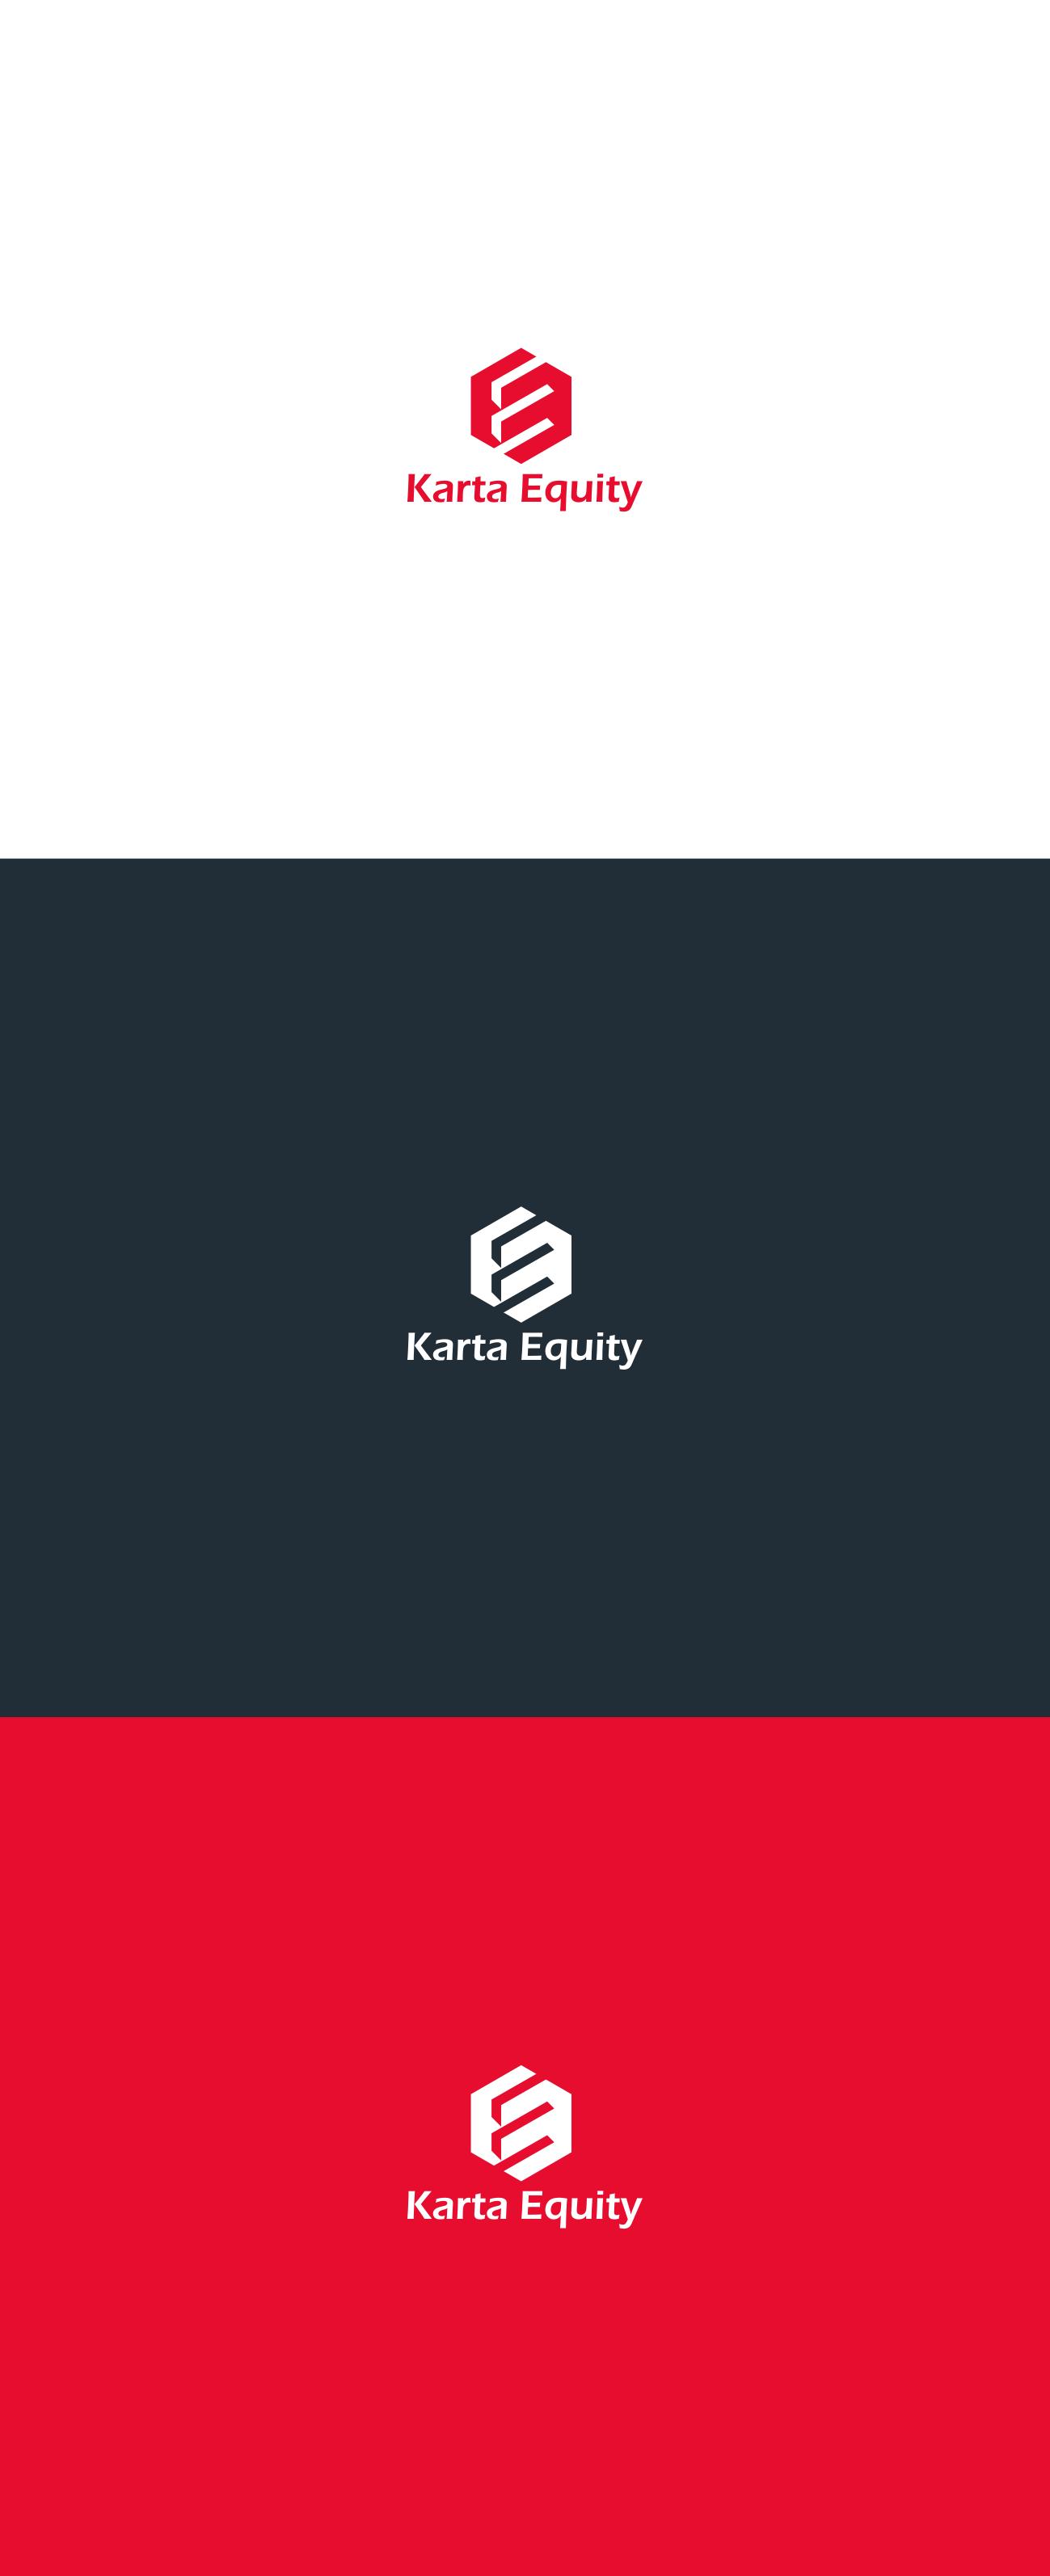 Логотип для компании инвестироваюшей в жилую недвижимость фото f_5295e1446e743c2b.png